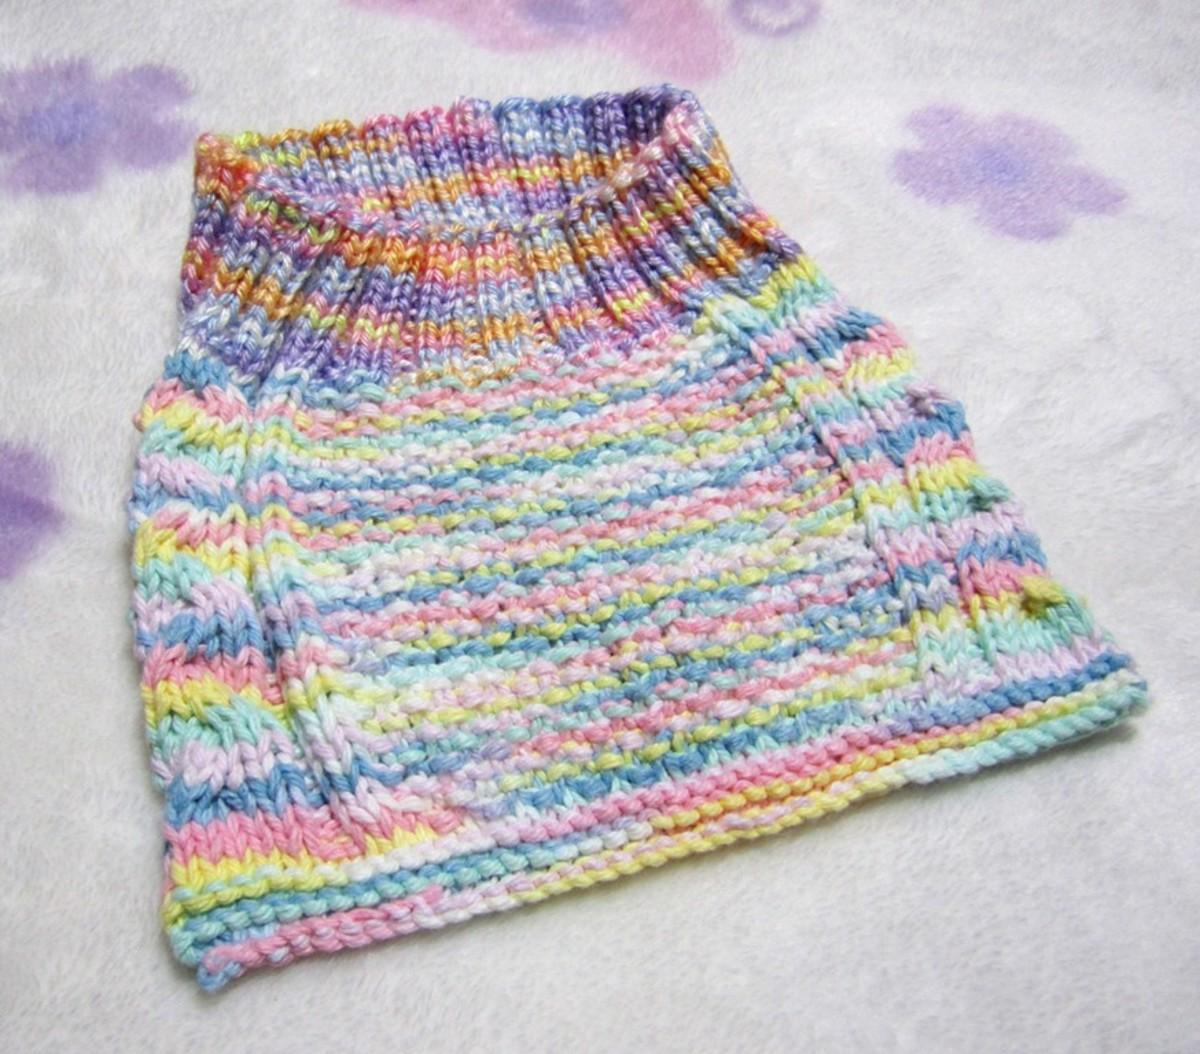 on baby bib free knitting pattern abc knitting patterns knitted baby